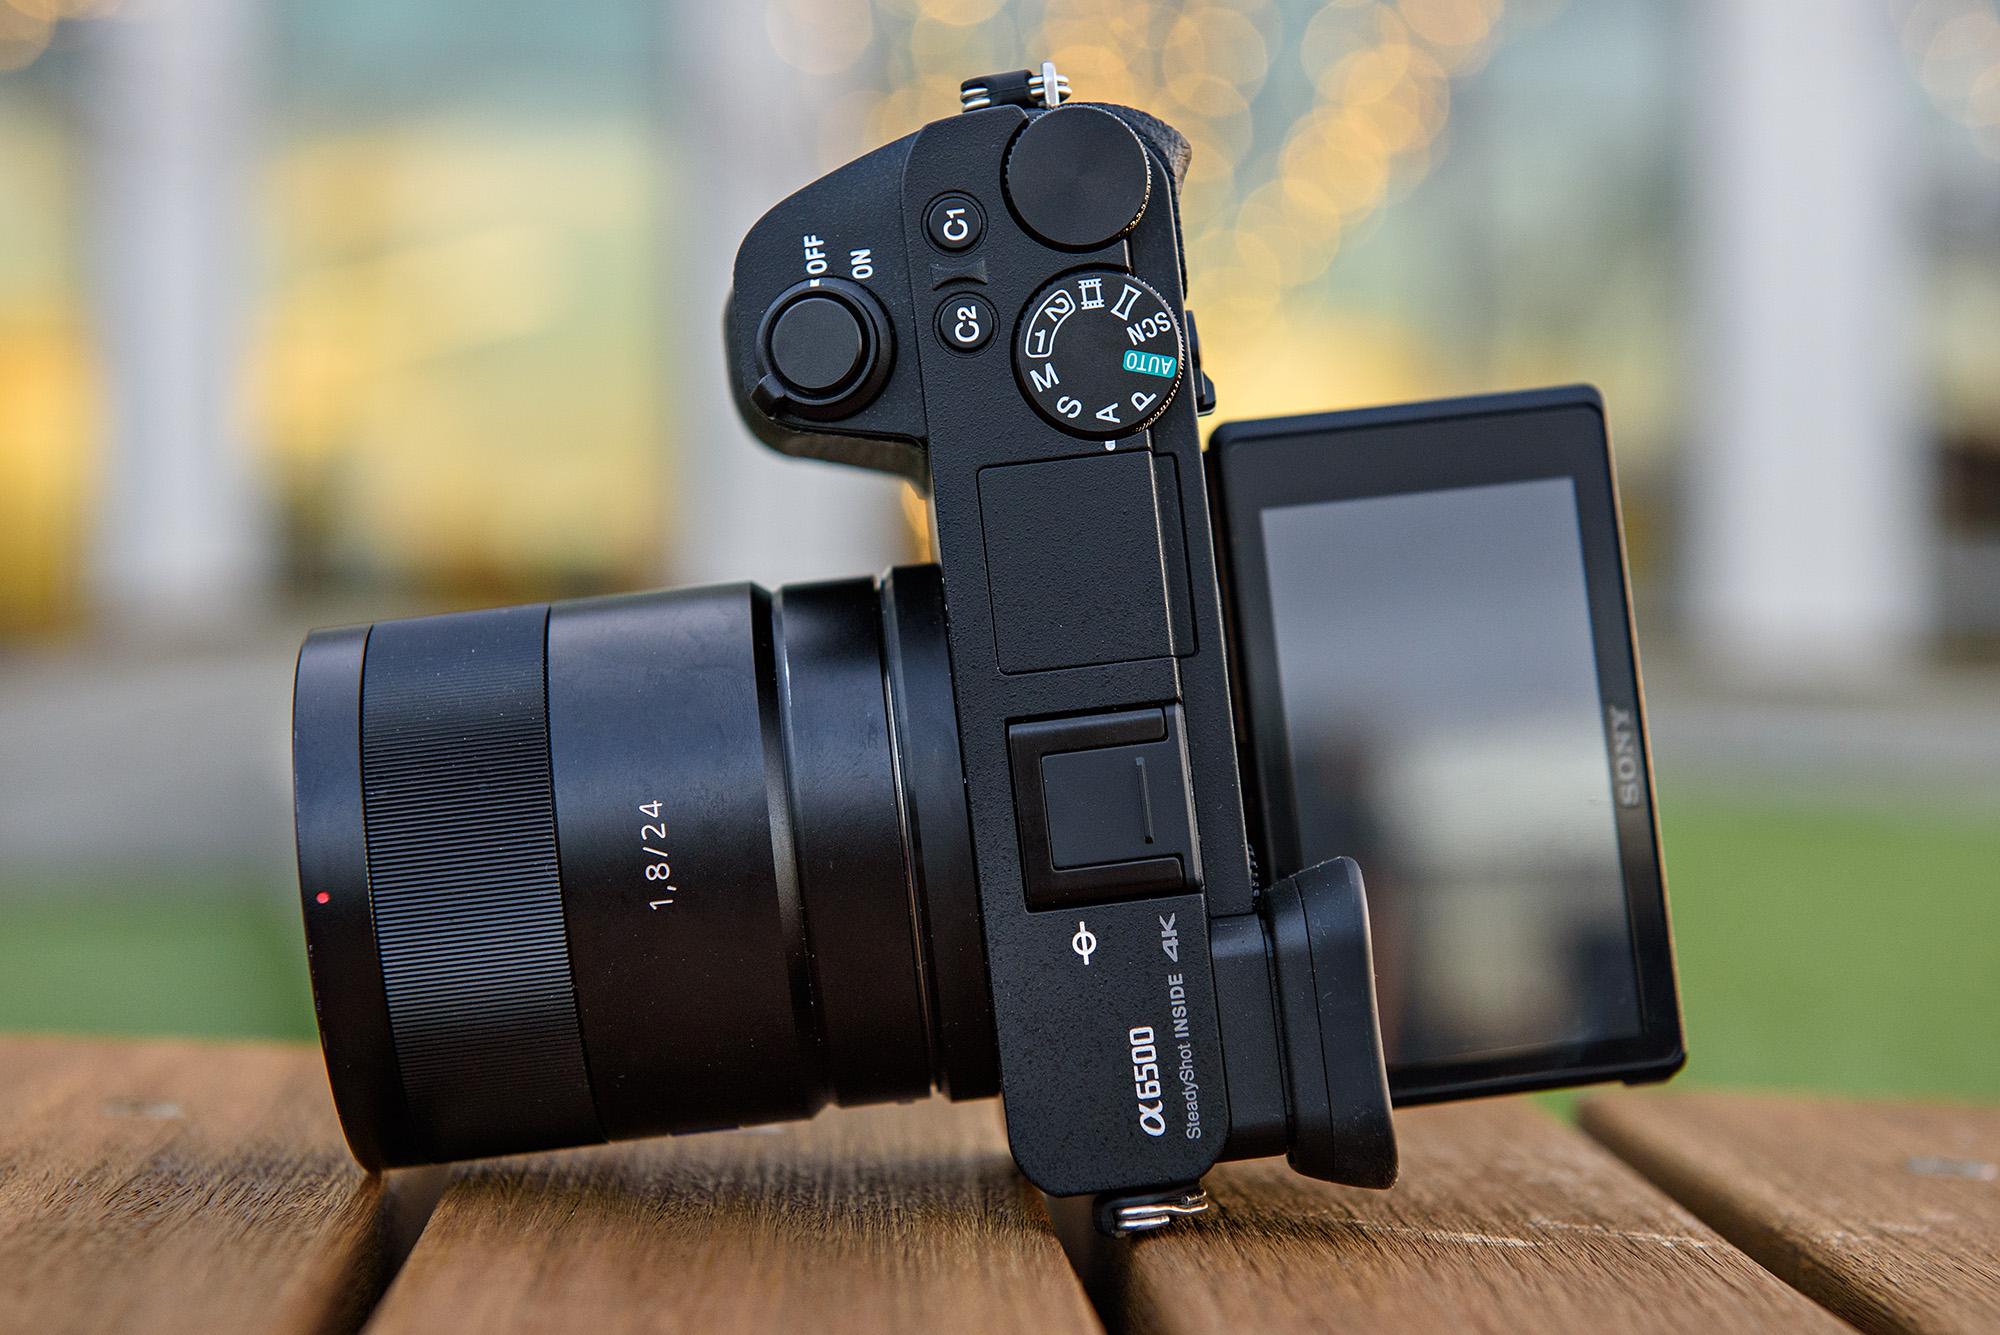 Yongnuo YN450 ،دوربین اندرویدی بدون آینه سازگار با لنزهای کانن است